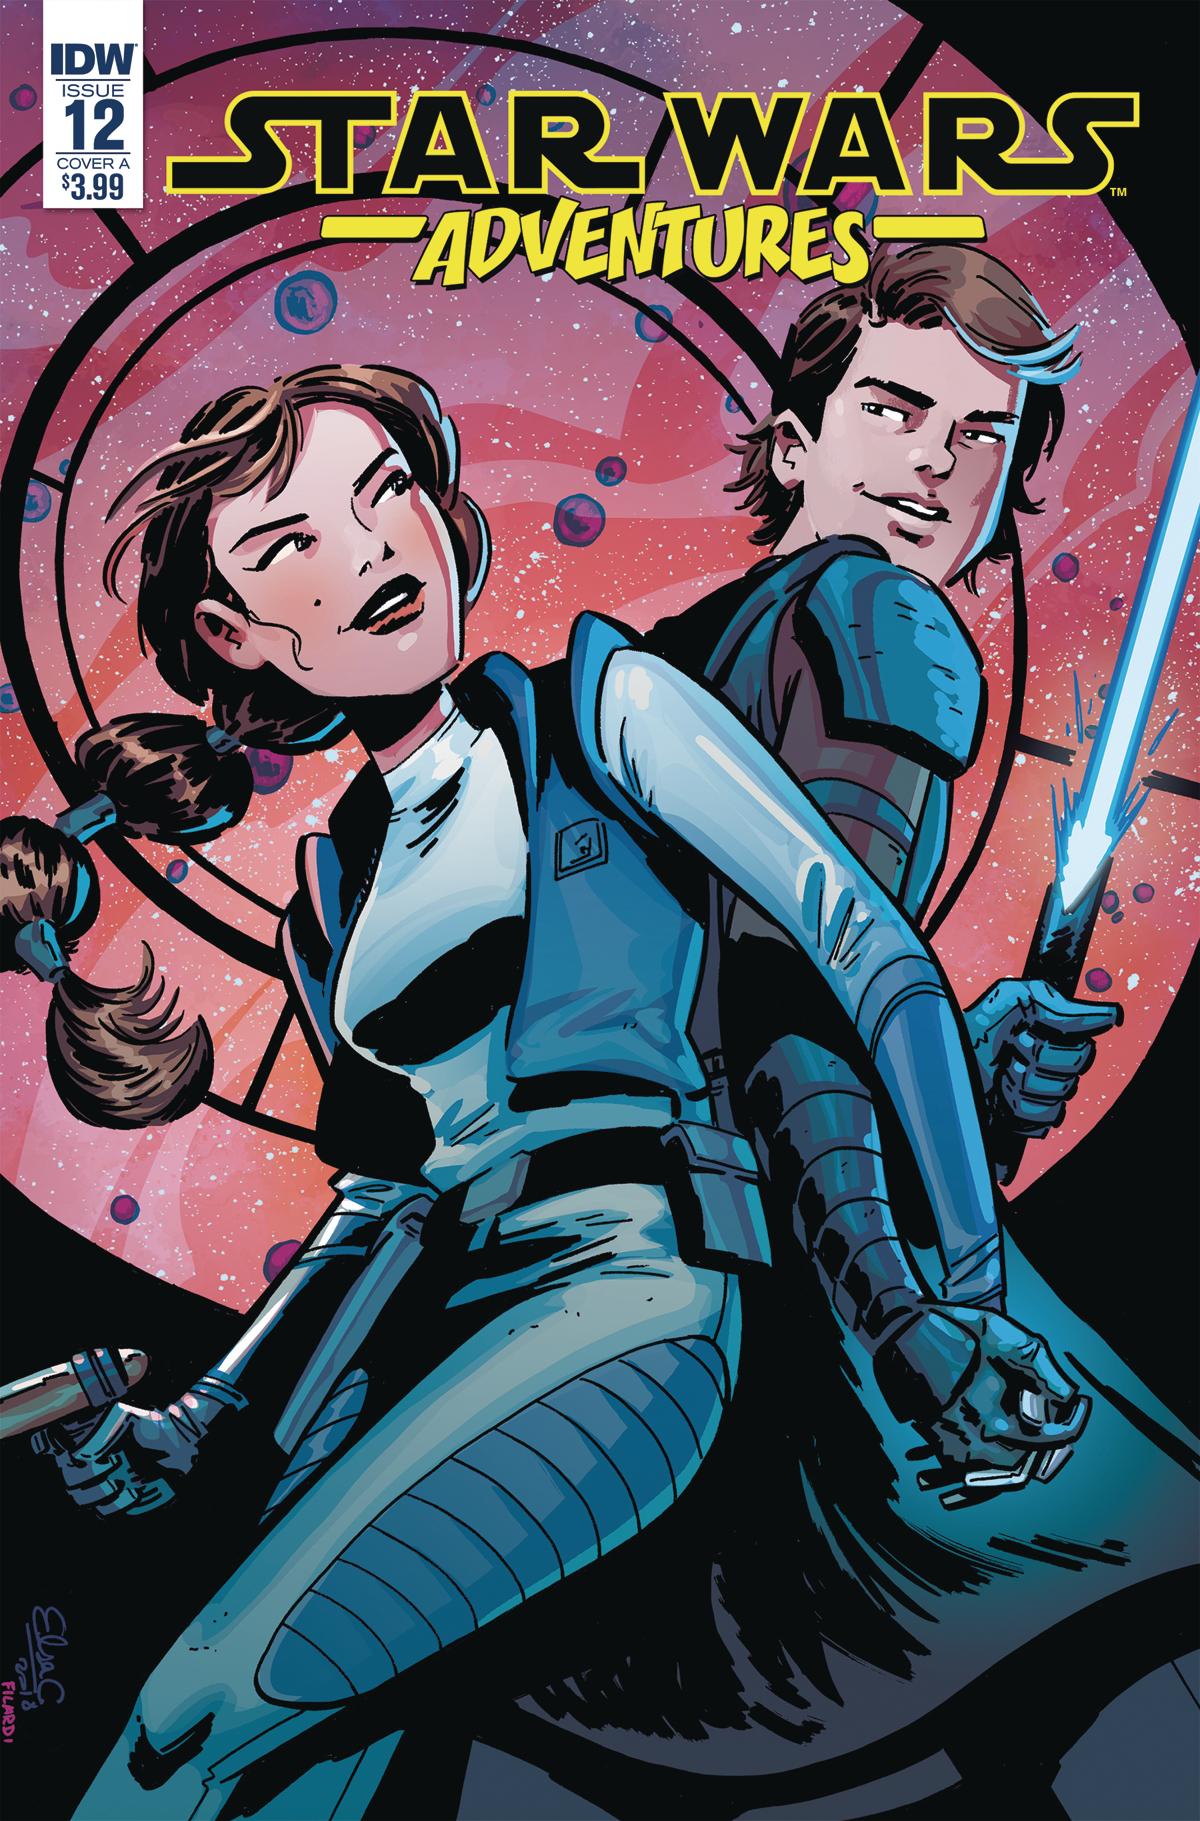 Звёздные войны: Приключения 12